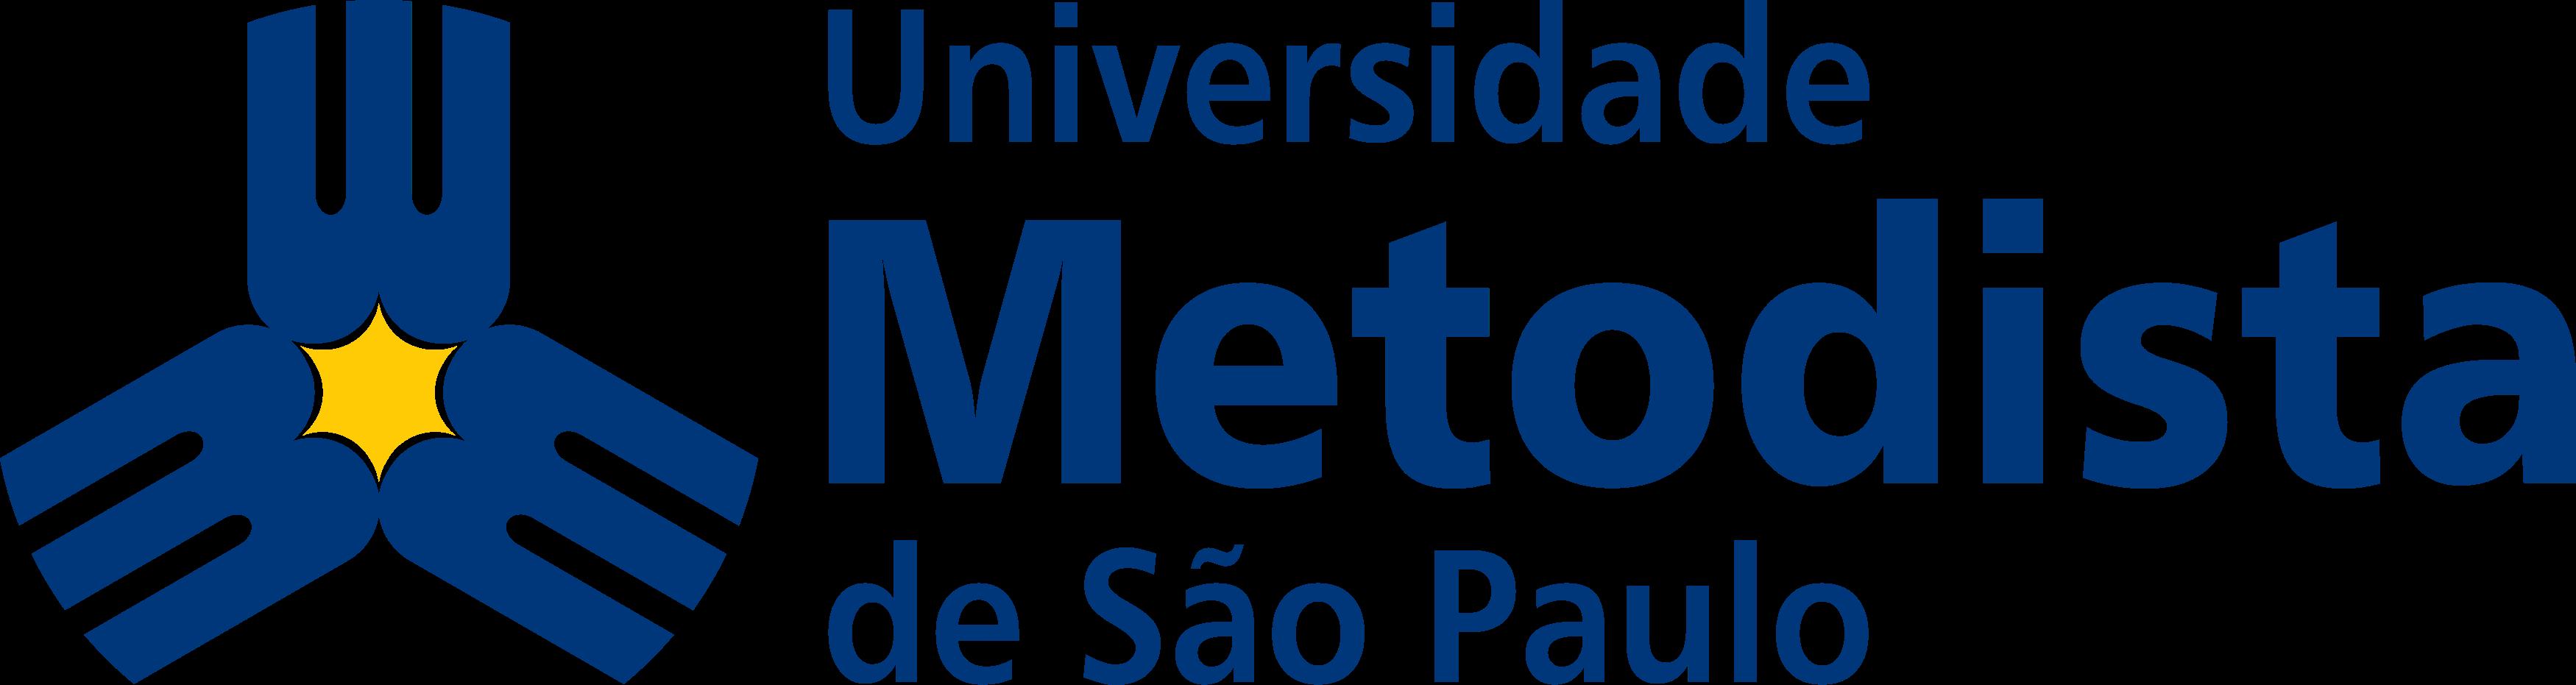 Universidade Metodista de São Paulo UMSP Logo.